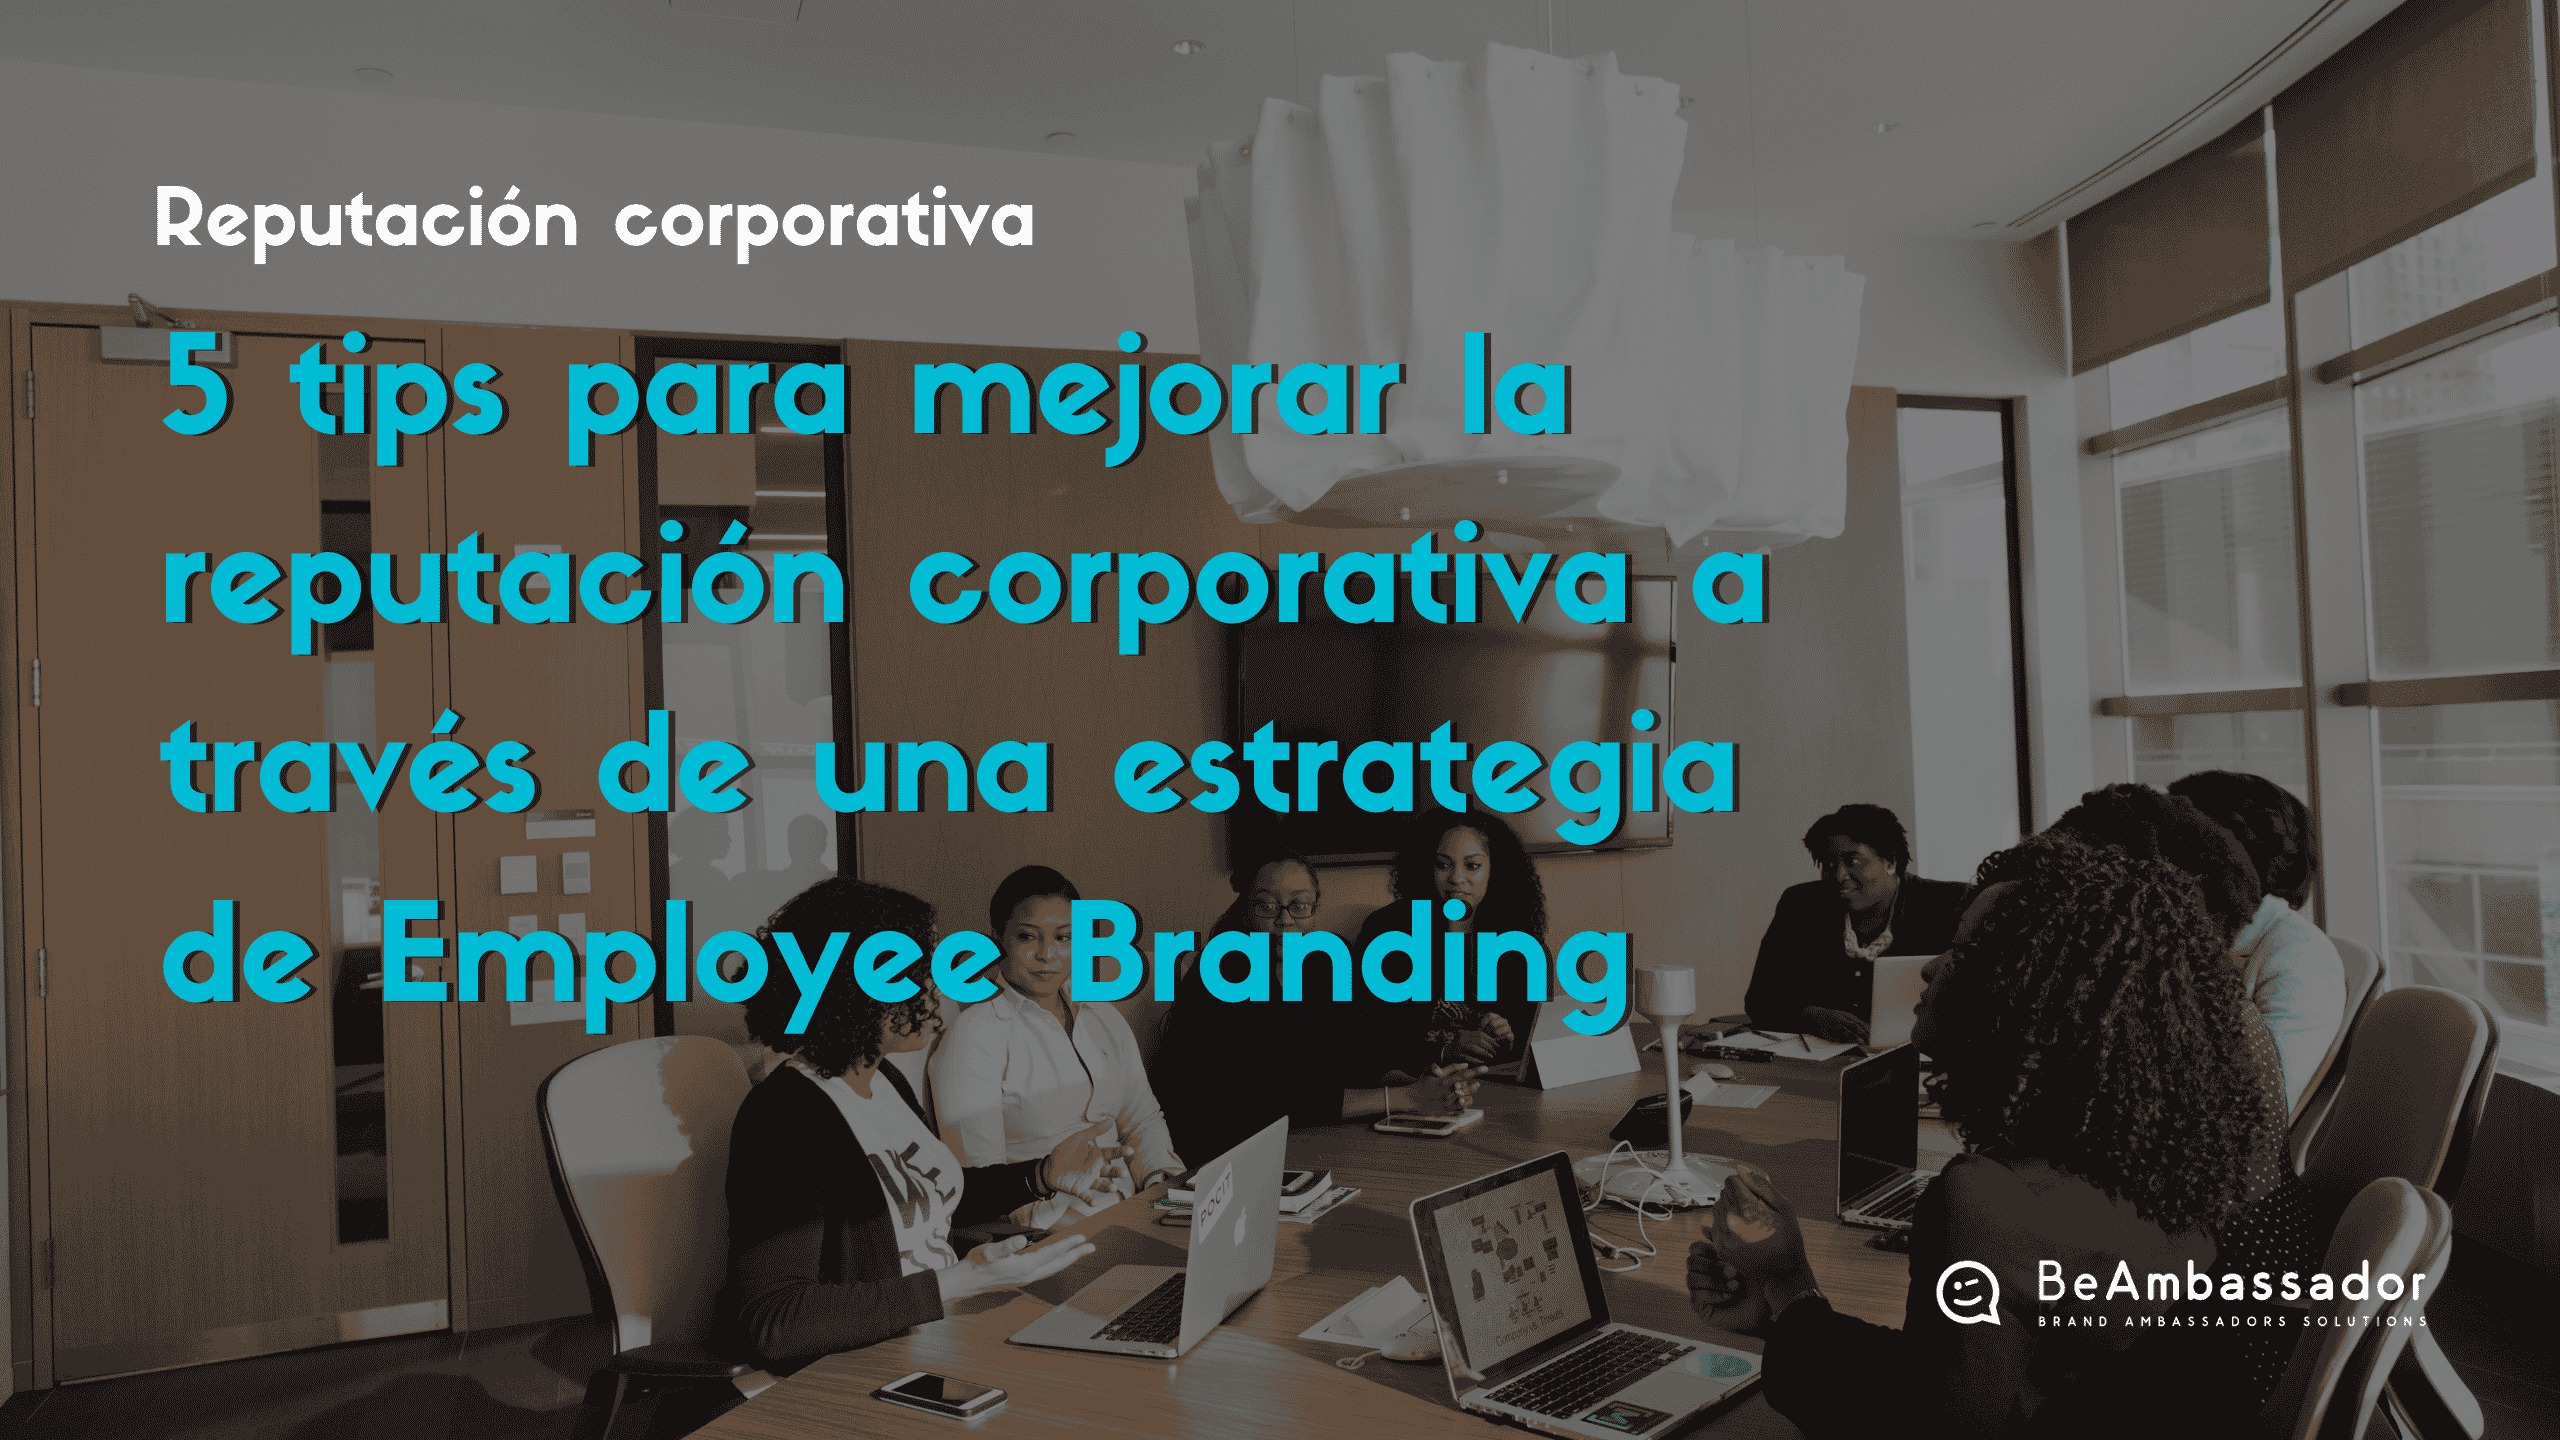 Descubre cómo mejorar la reputación corporativa de tu empresa con una estrategia de Employee Branding